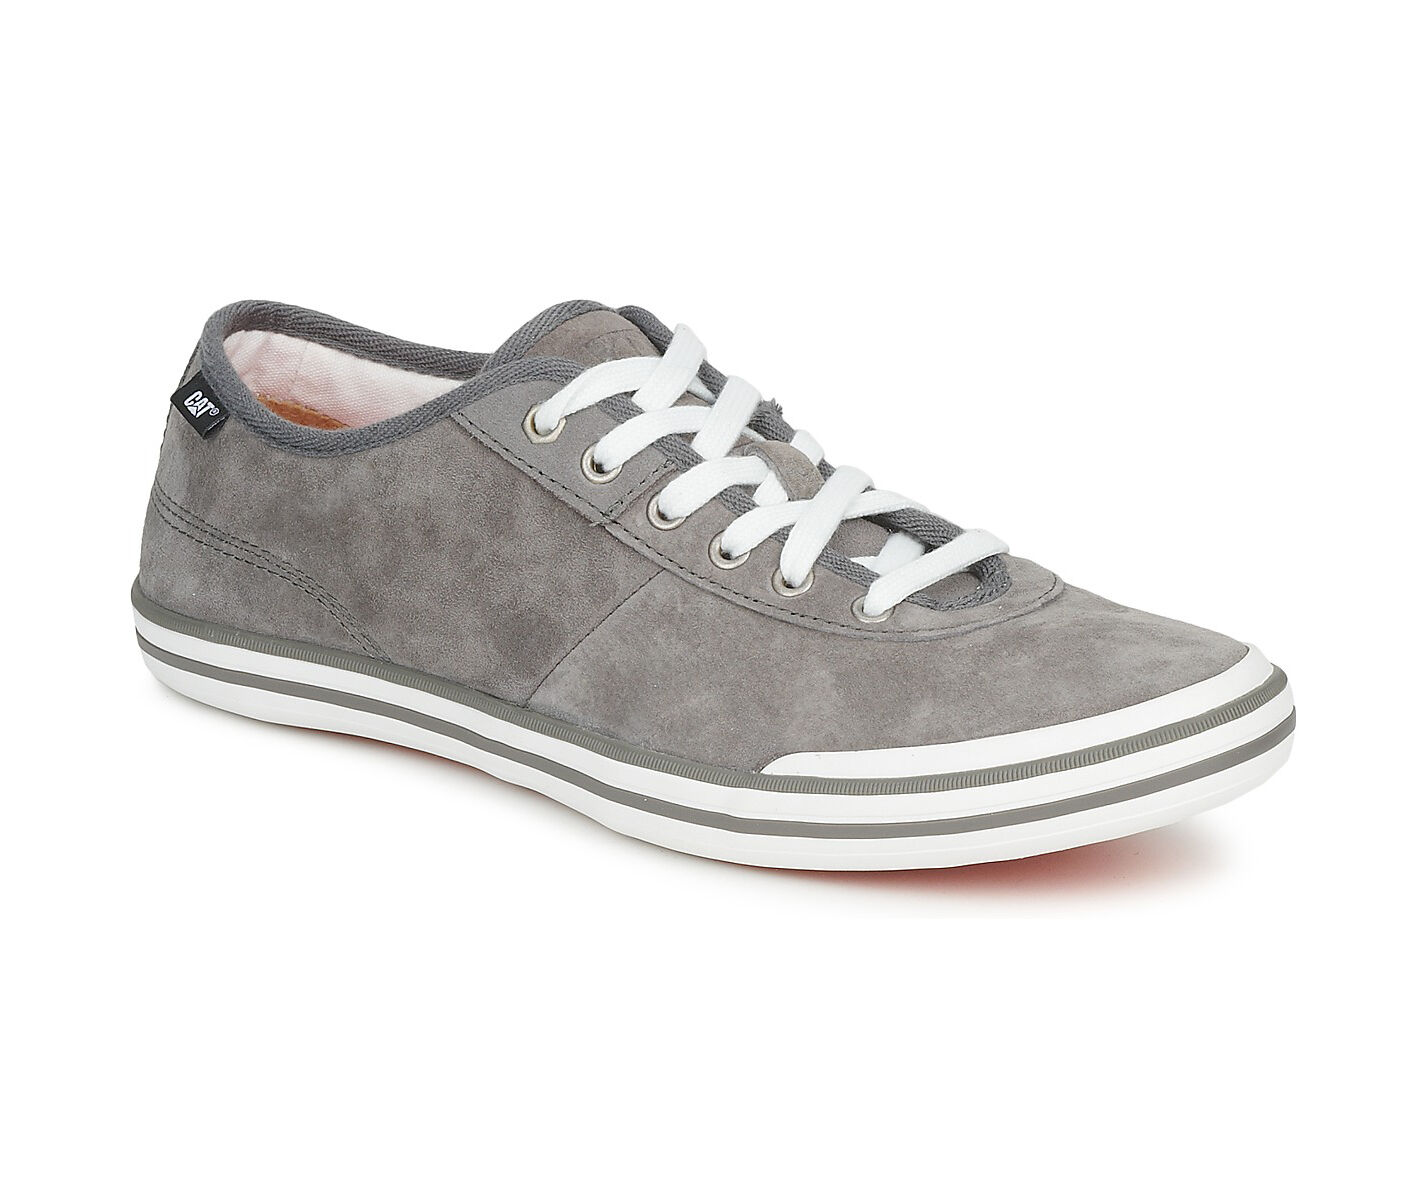 Converse CONS CONS Converse BREAK POINT SUEDE SKATE Shoes Size 9 153512C 784c2e